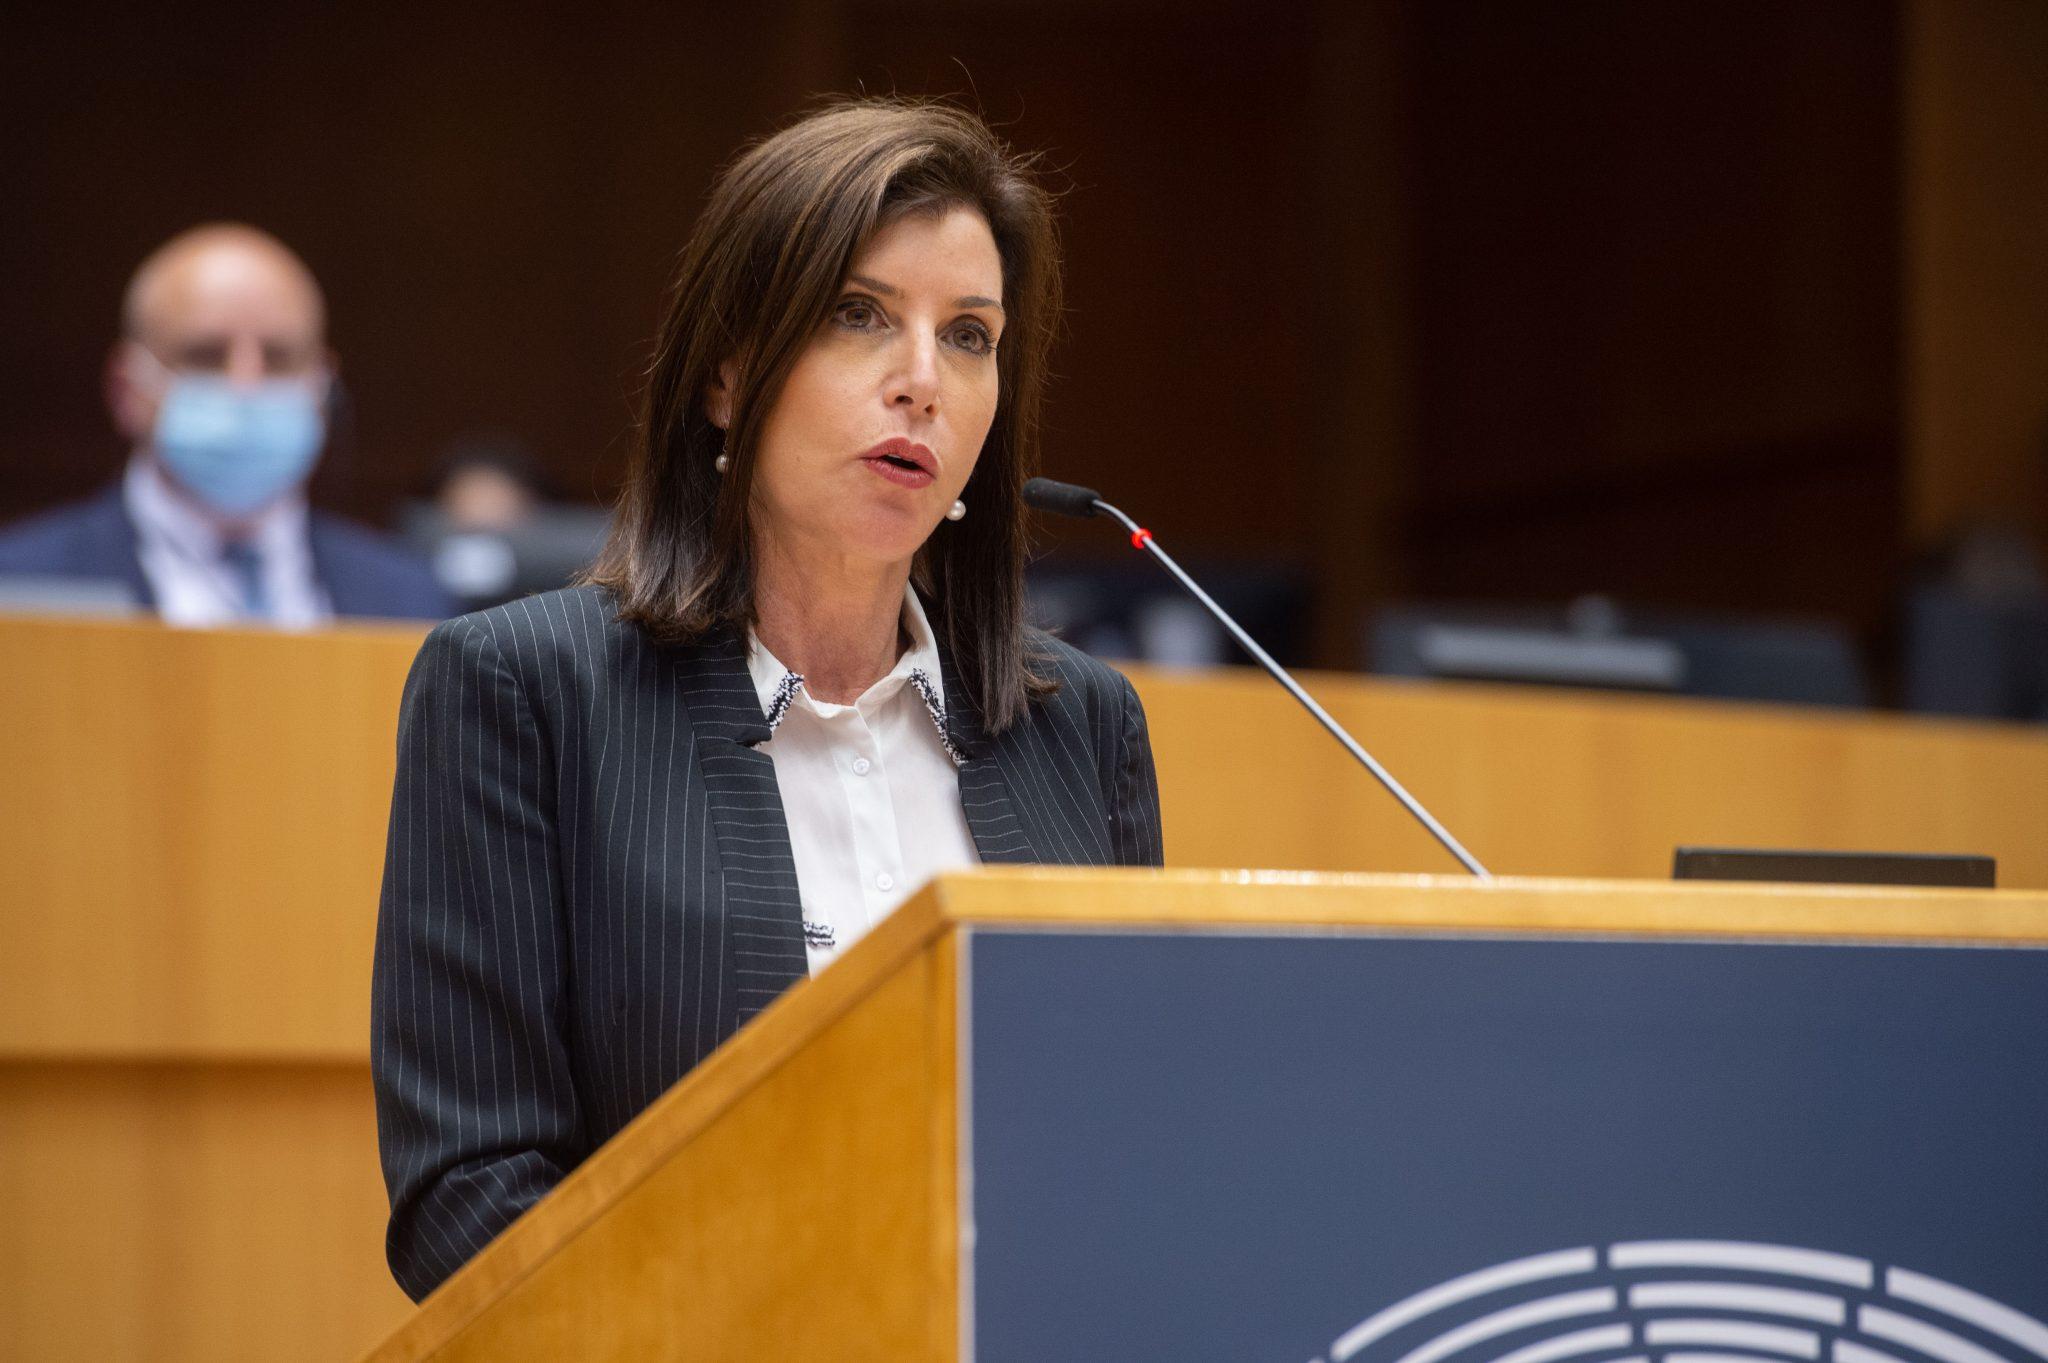 Ασημακοπούλου σε Μπορέλ: Αναστείλετε την Τελωνειακή Ένωση Ε.Ε. – Τουρκίας